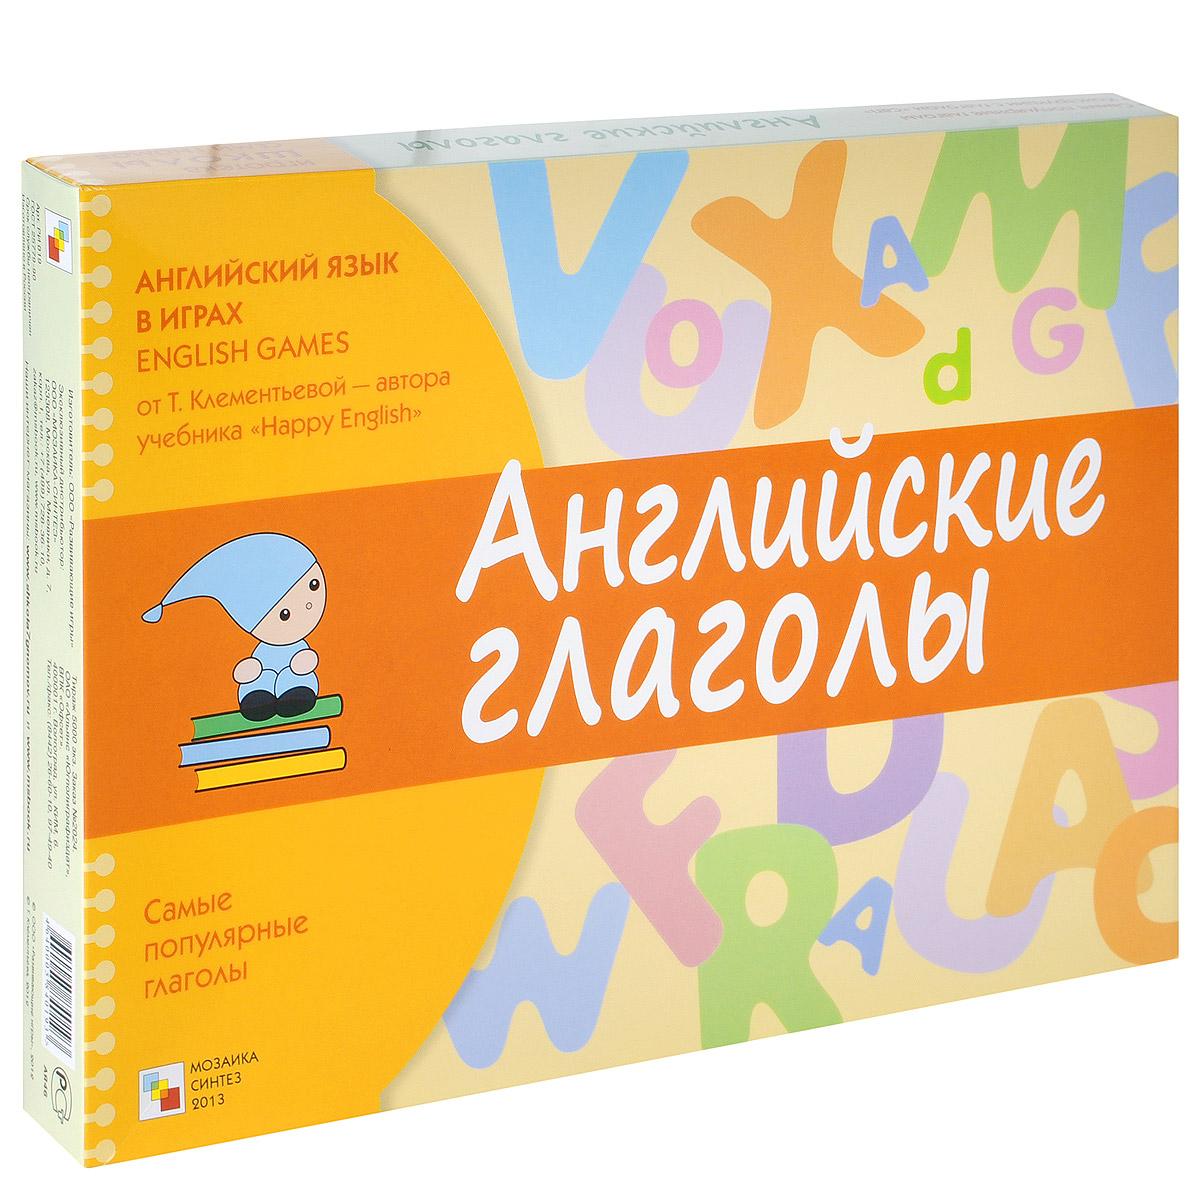 Английские глаголы. Развивающая игра, Татьяна Клементьева